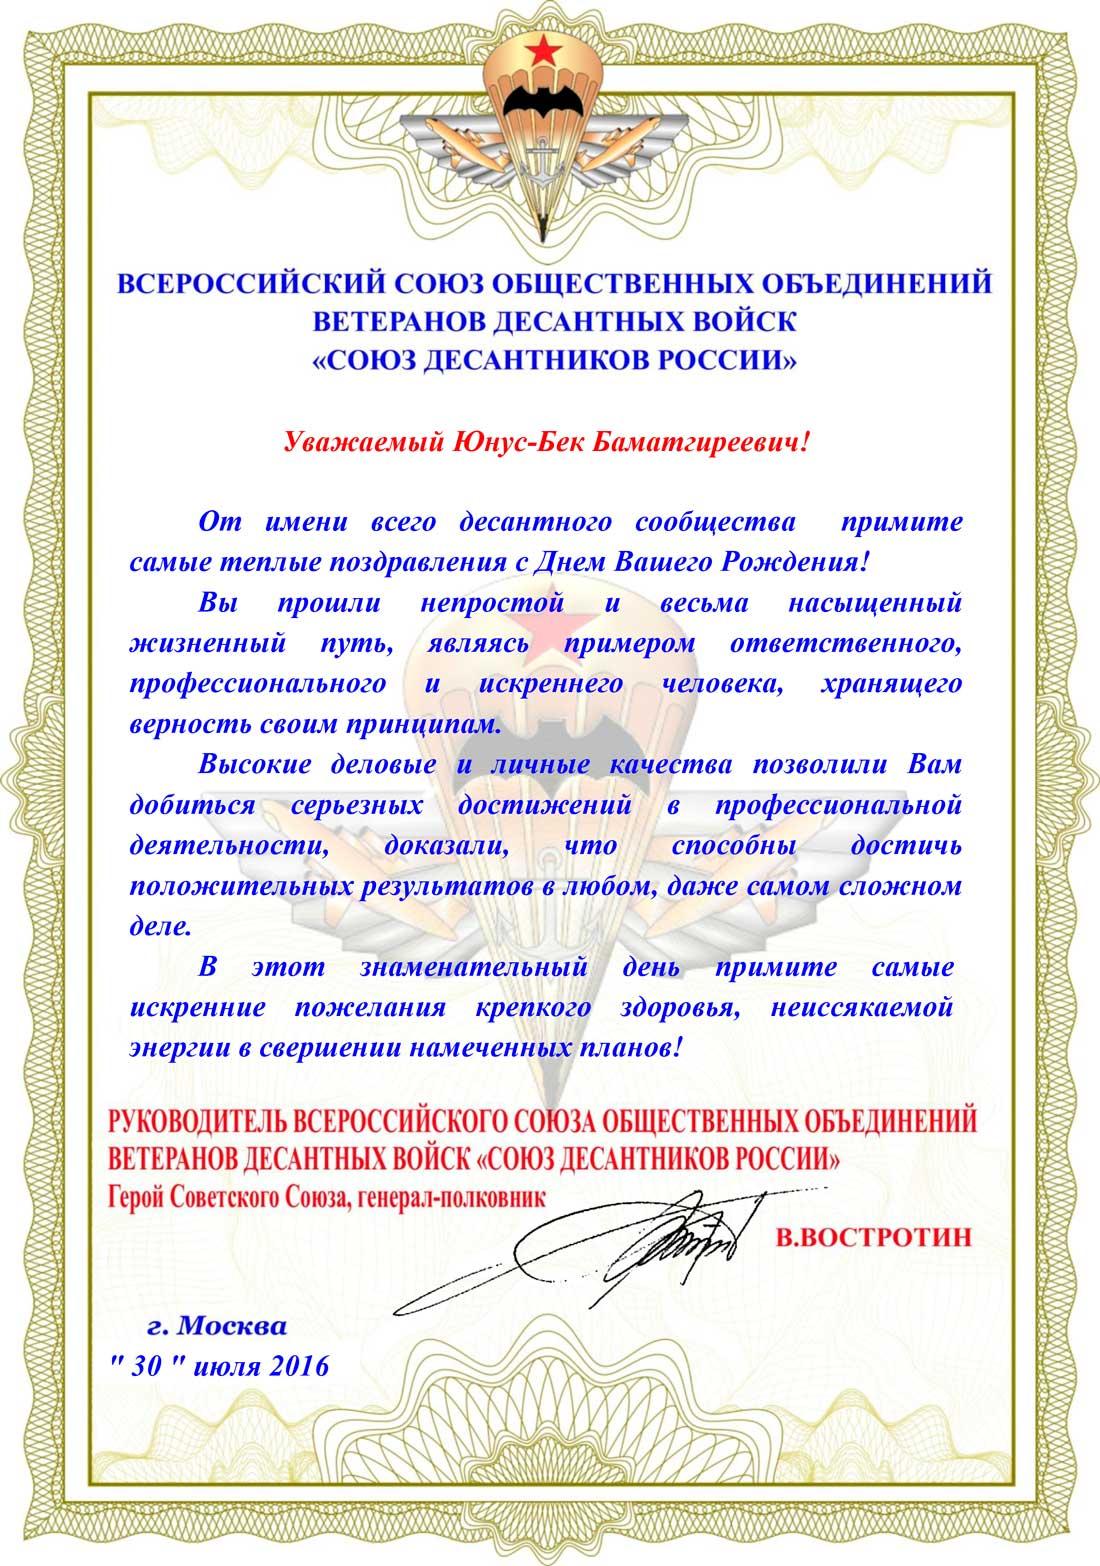 Поздравления на День российского кино 2018 в прозе - Поздравок 63